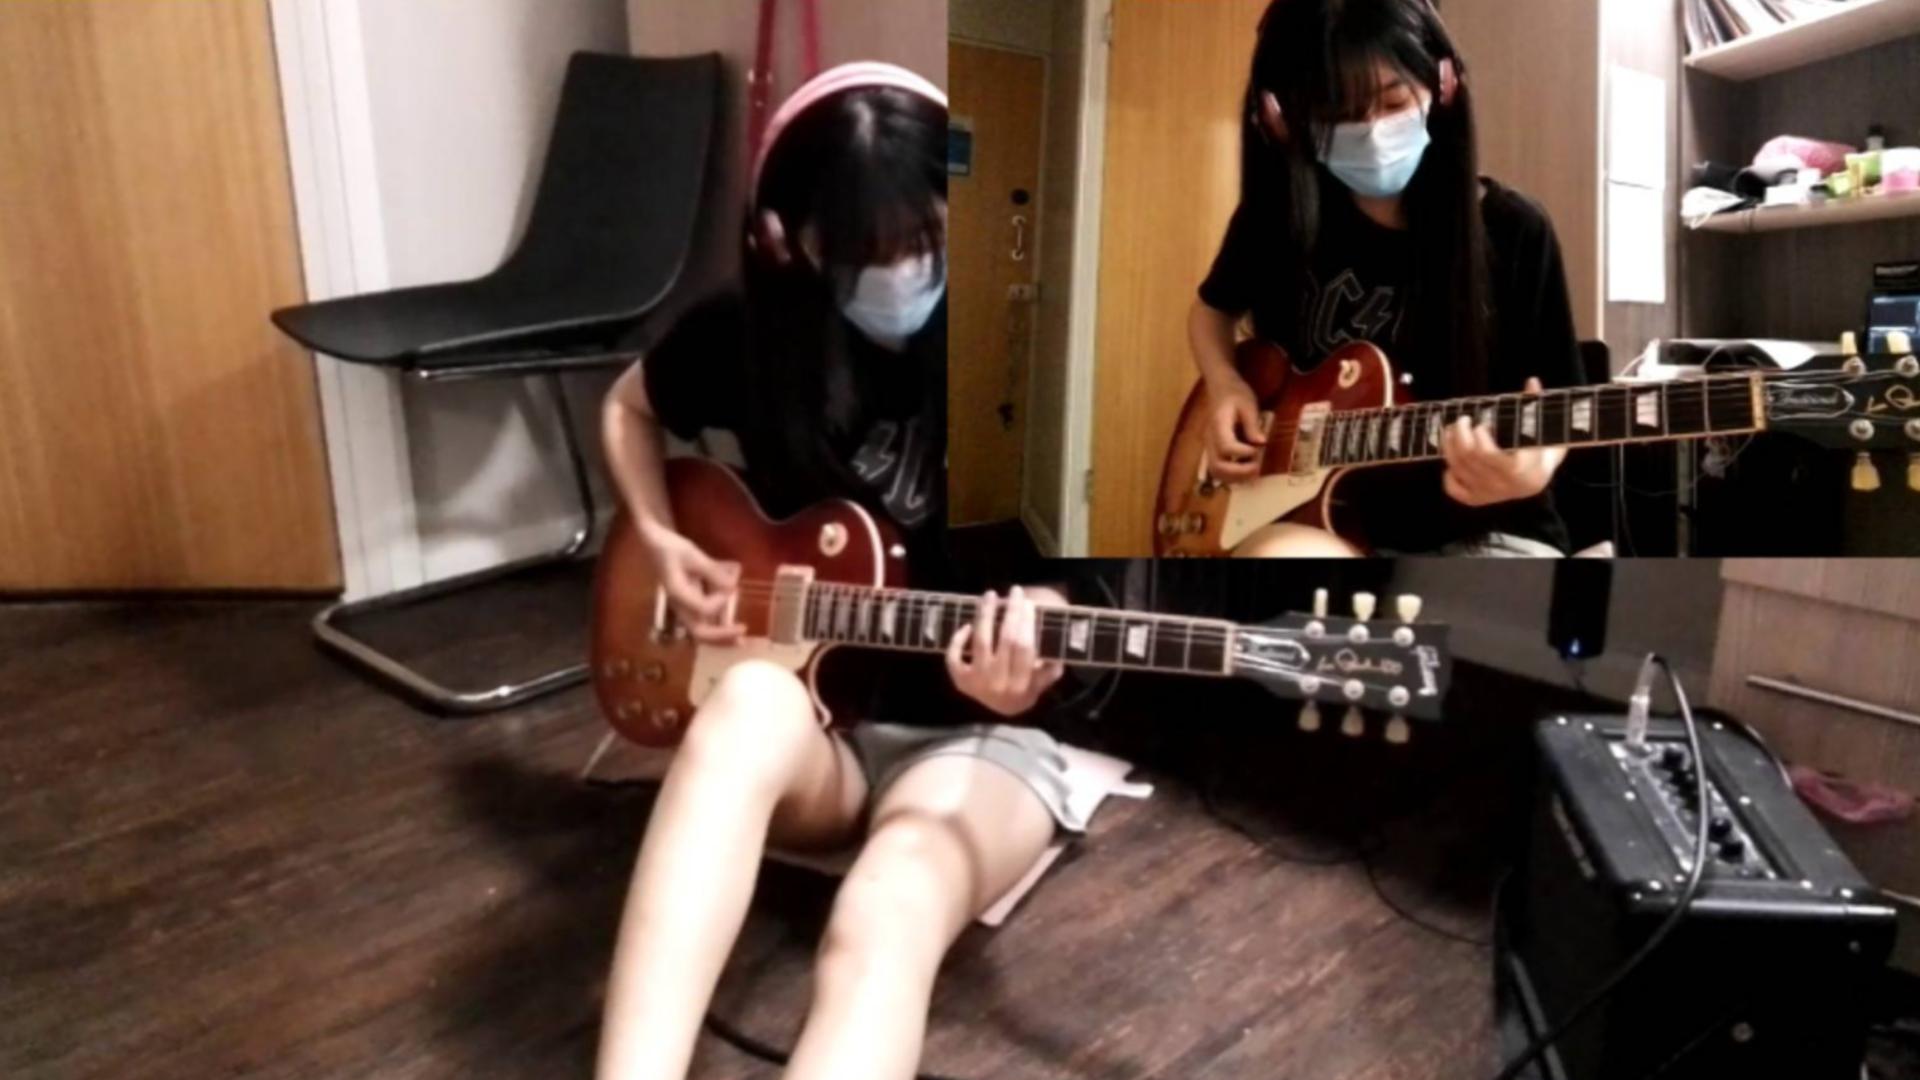 【寻国风】《梦回还》自扒电吉他(狐妖小红娘王权富贵篇)